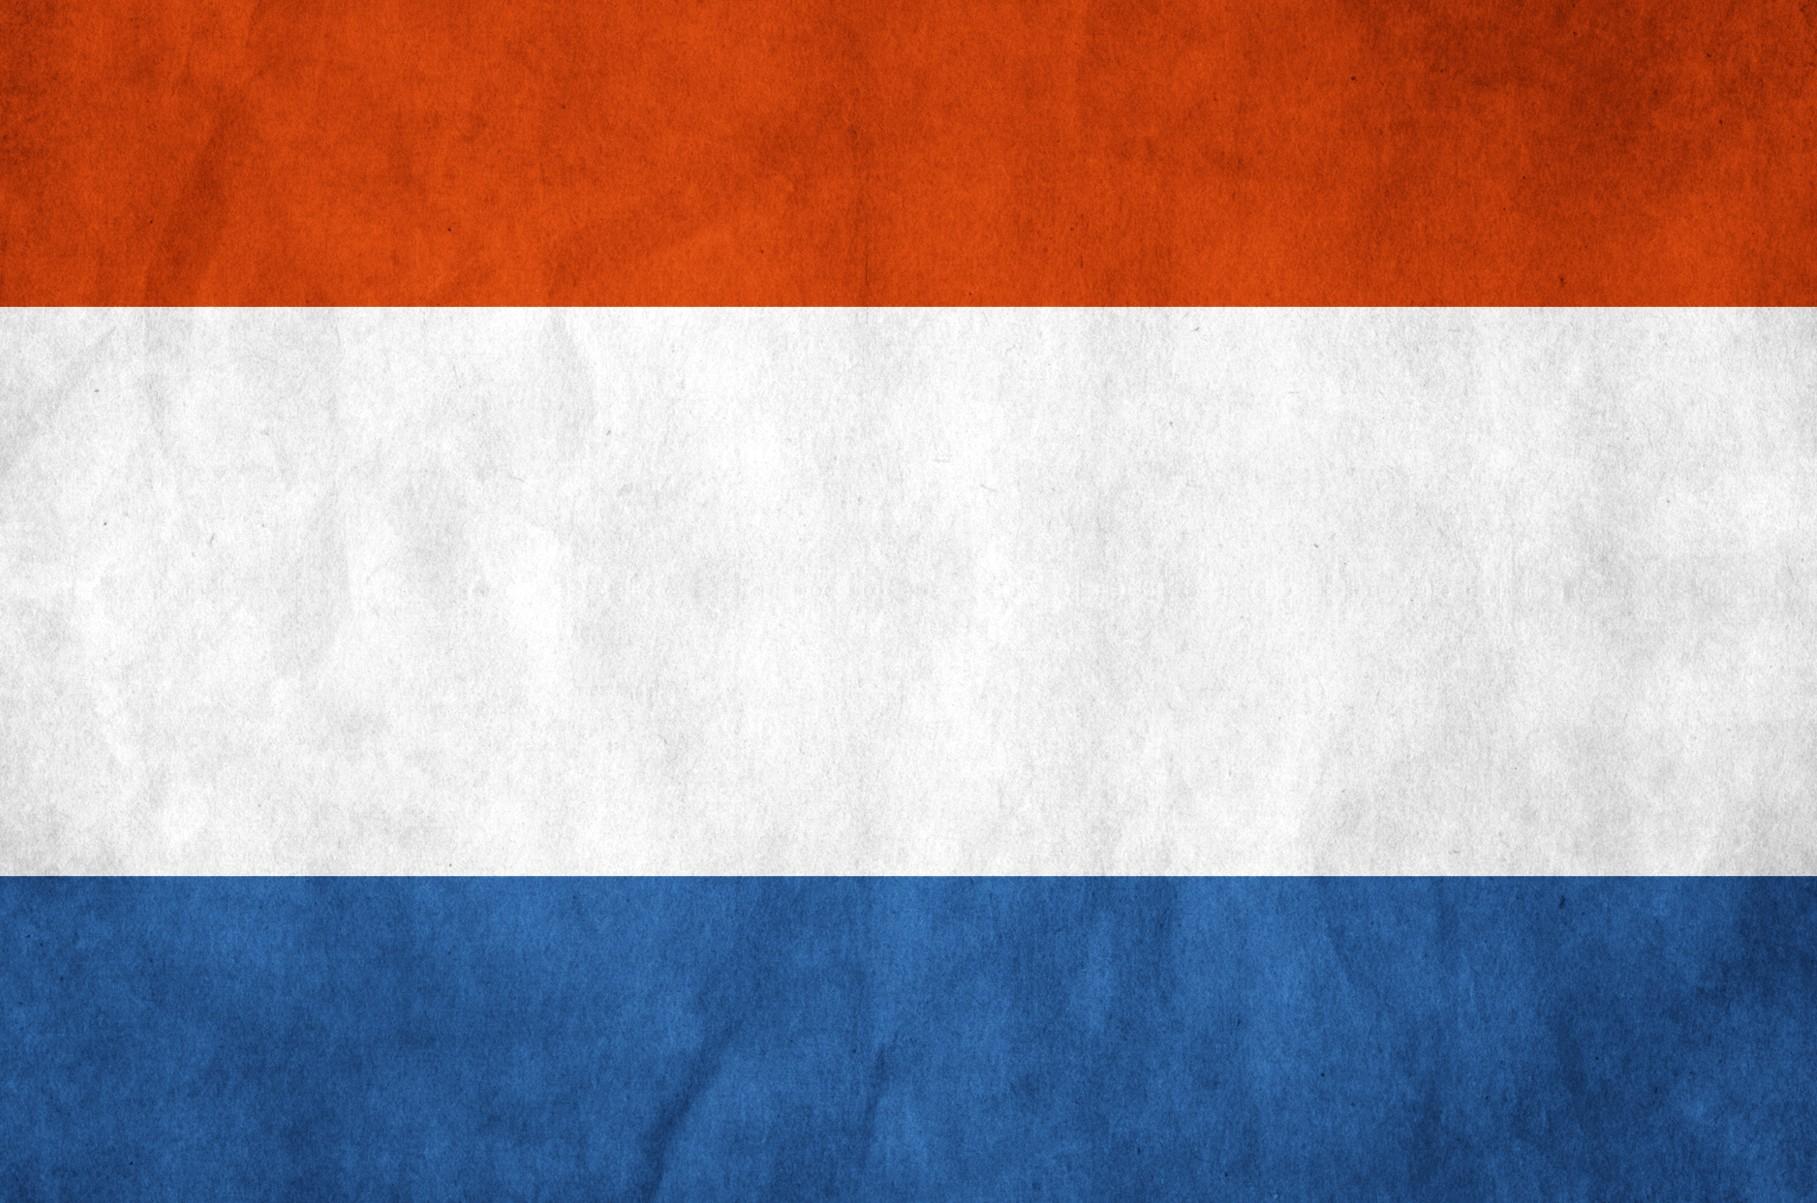 Flag of Netherlands PPT Backgrounds